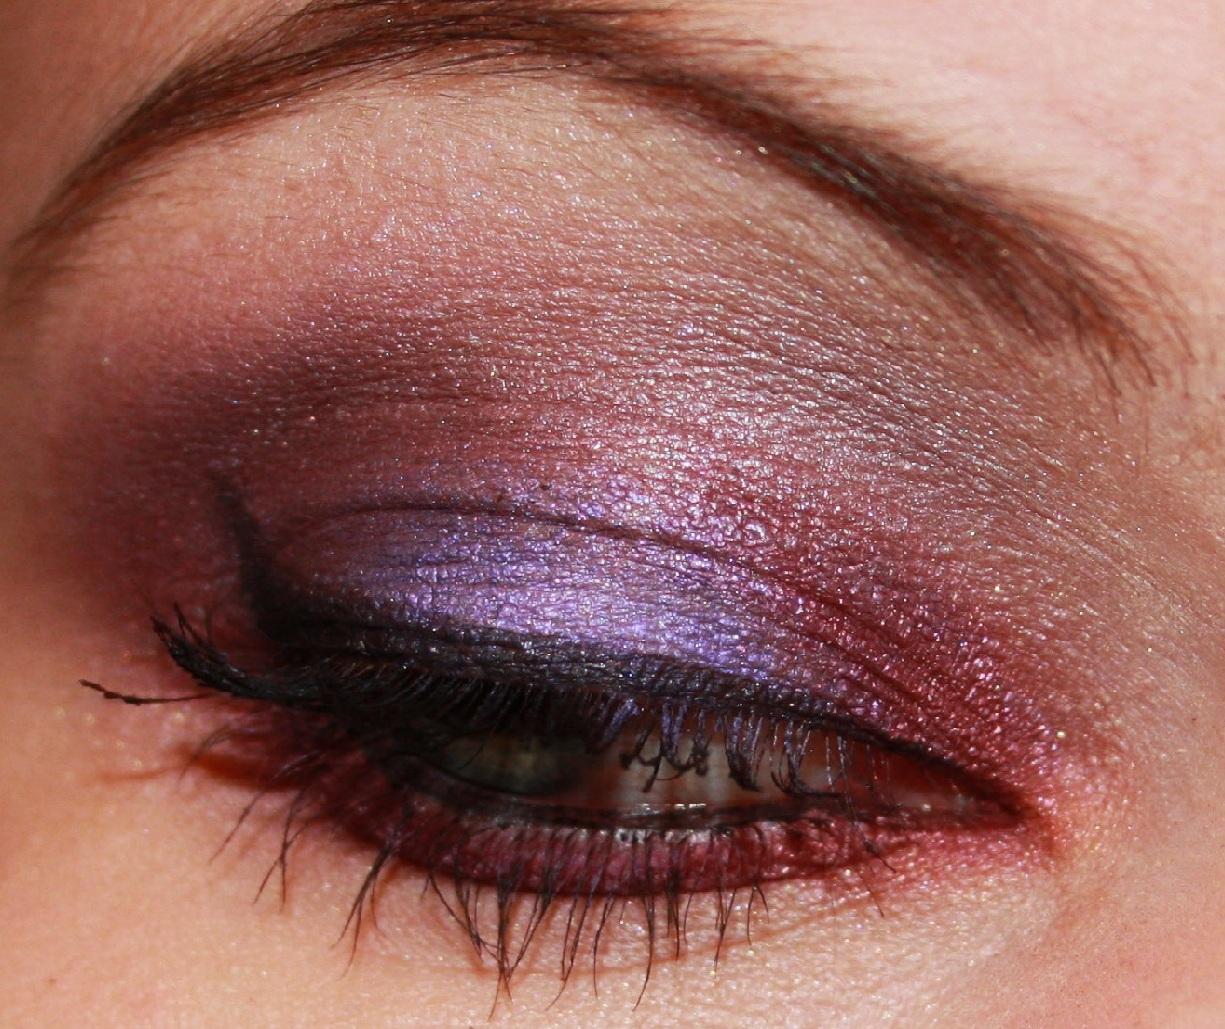 http://3.bp.blogspot.com/-fNCsG_PfVUY/T9Y-mZ9yFJI/AAAAAAAAAPw/fmYNKpEWMZg/s1600/Color%20tatoo%20violet.jpg